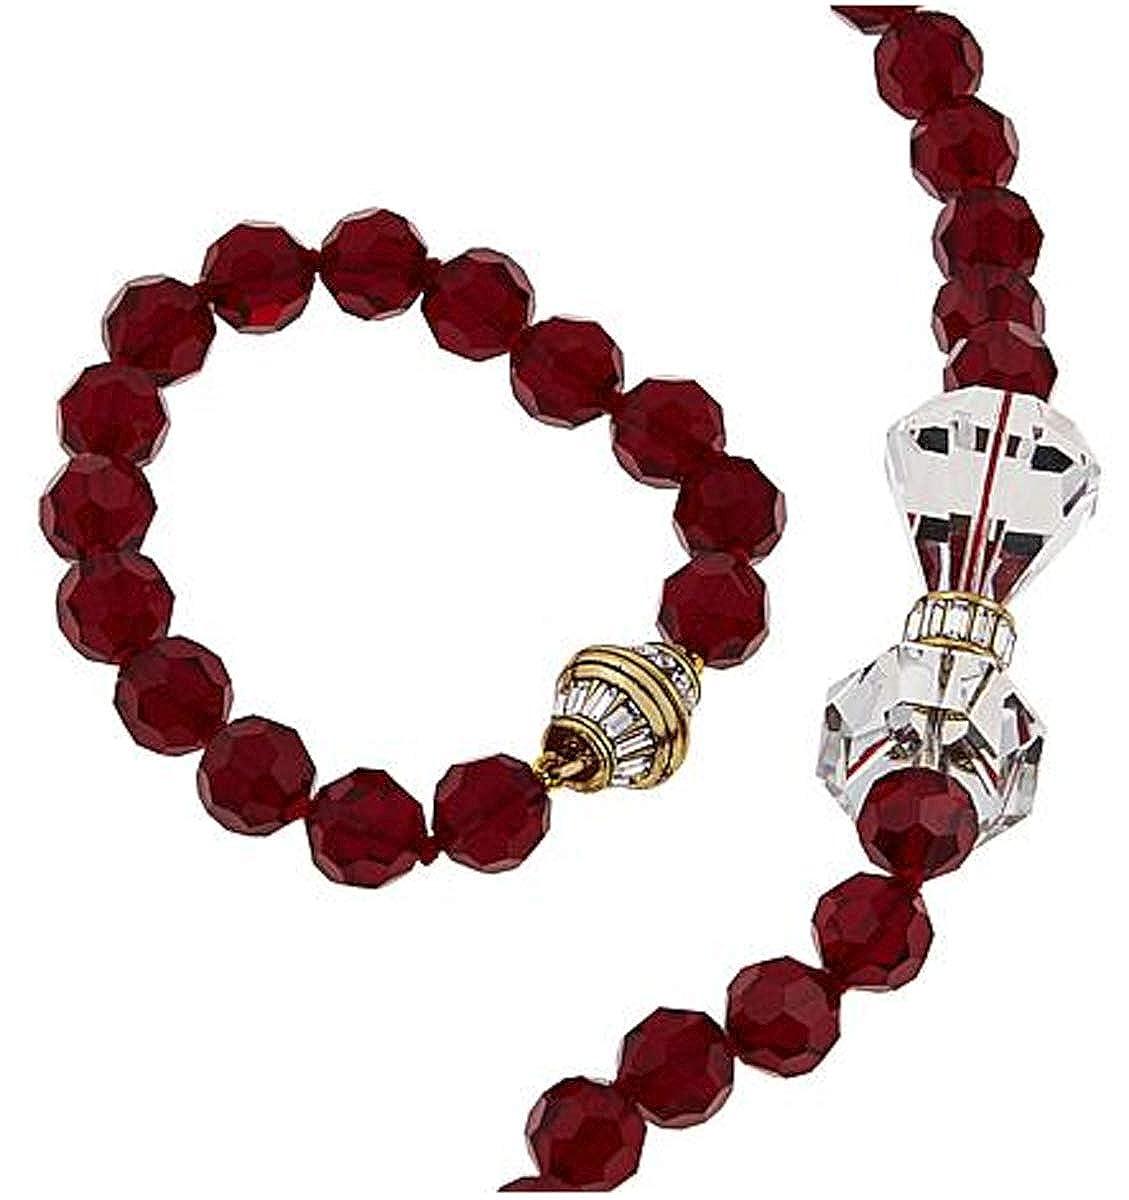 7ca6a39592751 Amazon.com: Heidi Daus Swarovski Crystal Convertible Necklace ...